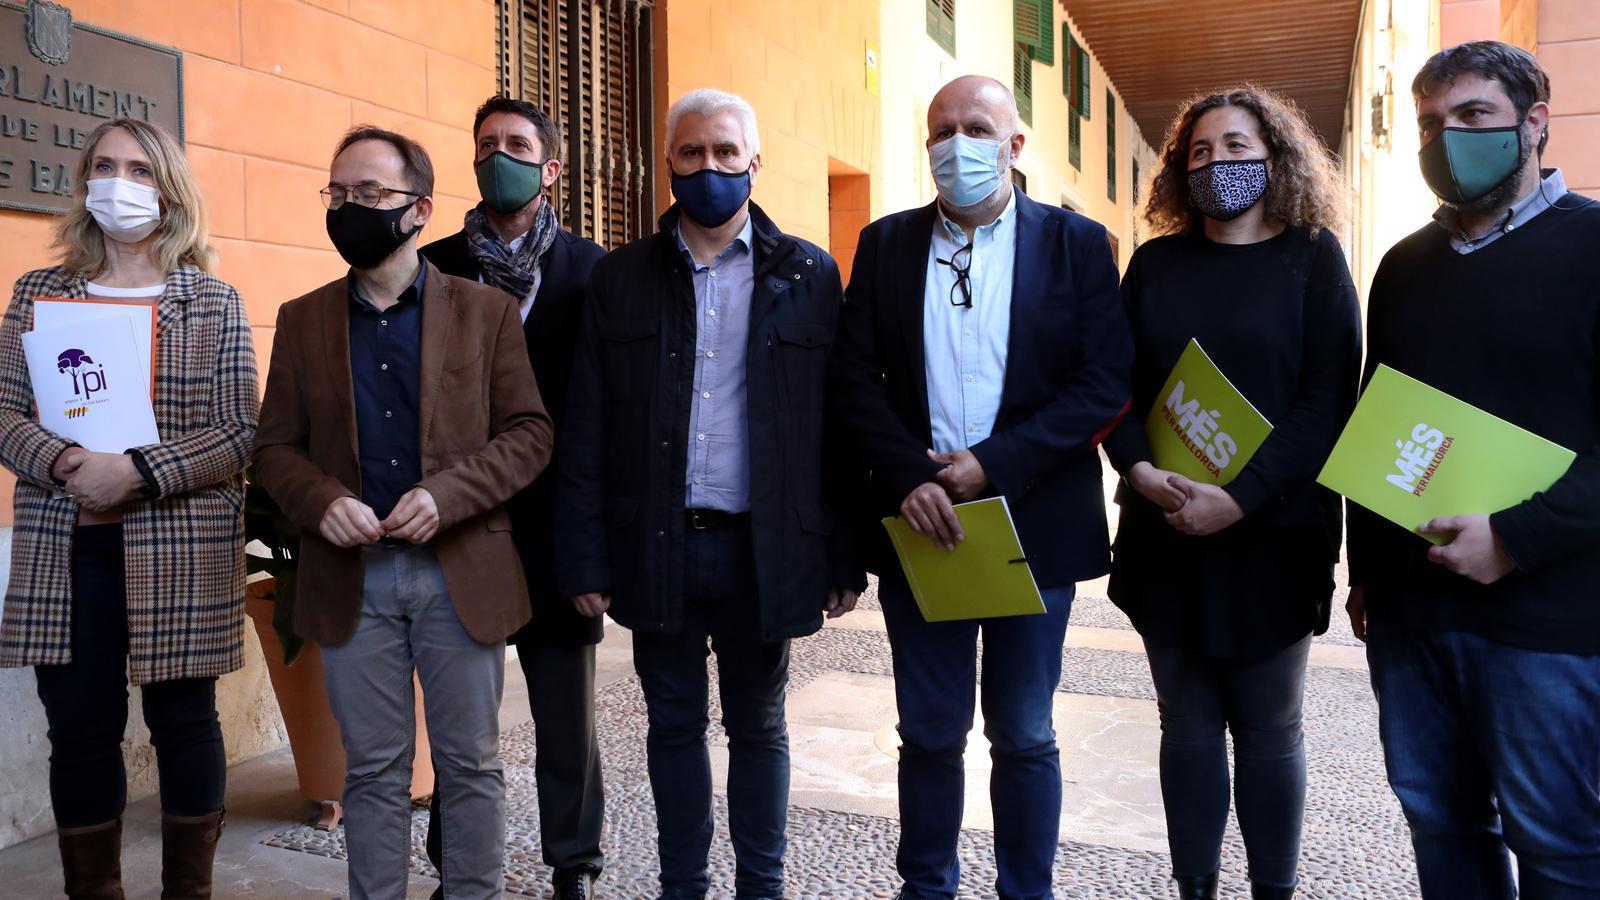 Diputats d'El Pi, MÉS per Mallorca i Més per Menorca aquest dijous davant del Parlament